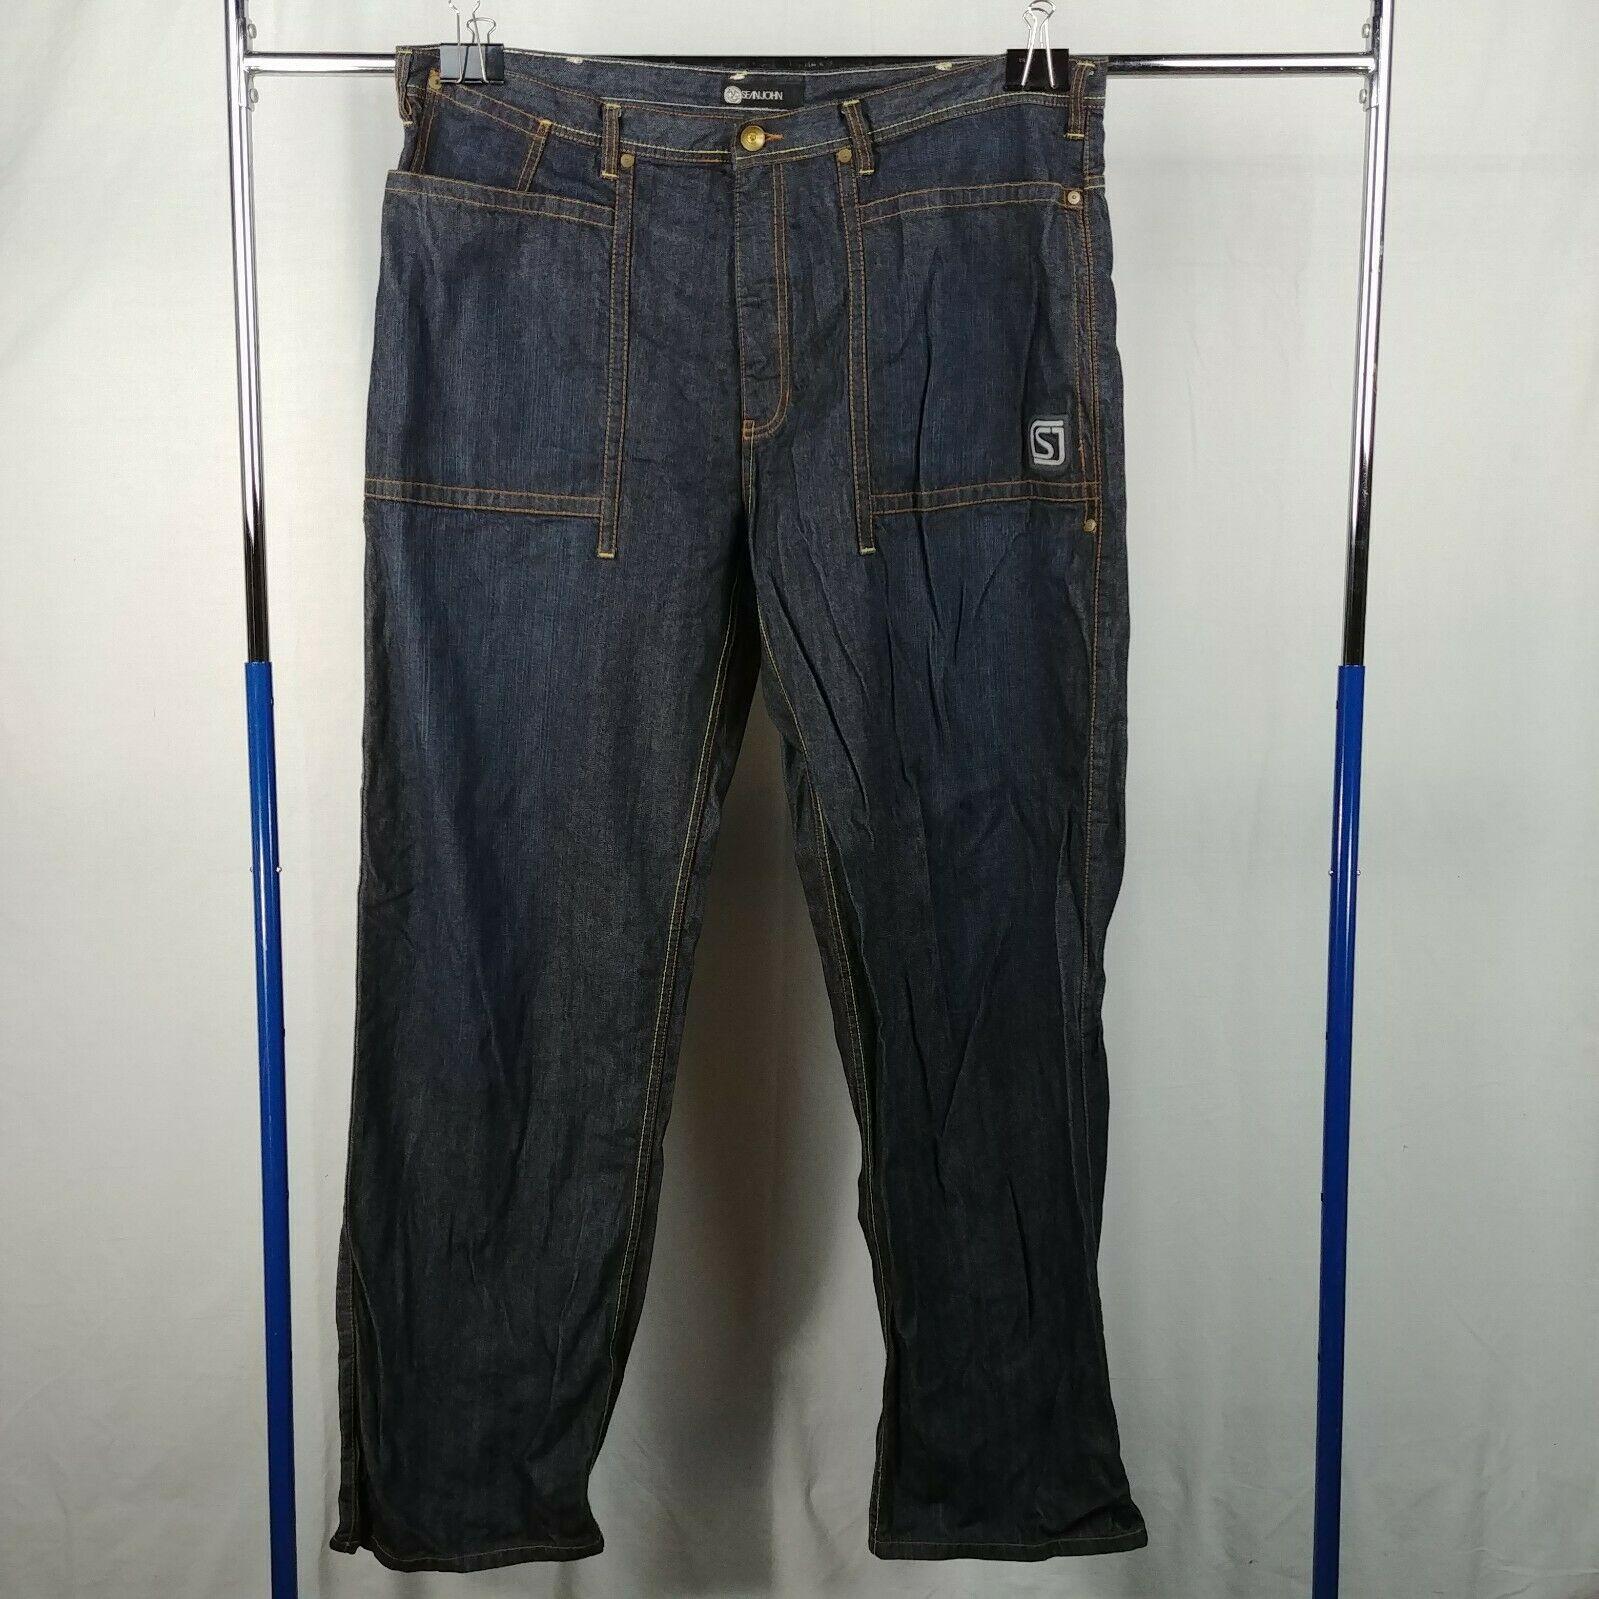 e0229506 Sean John Blue Jeans Mens Size 42 100% Cotton Pants